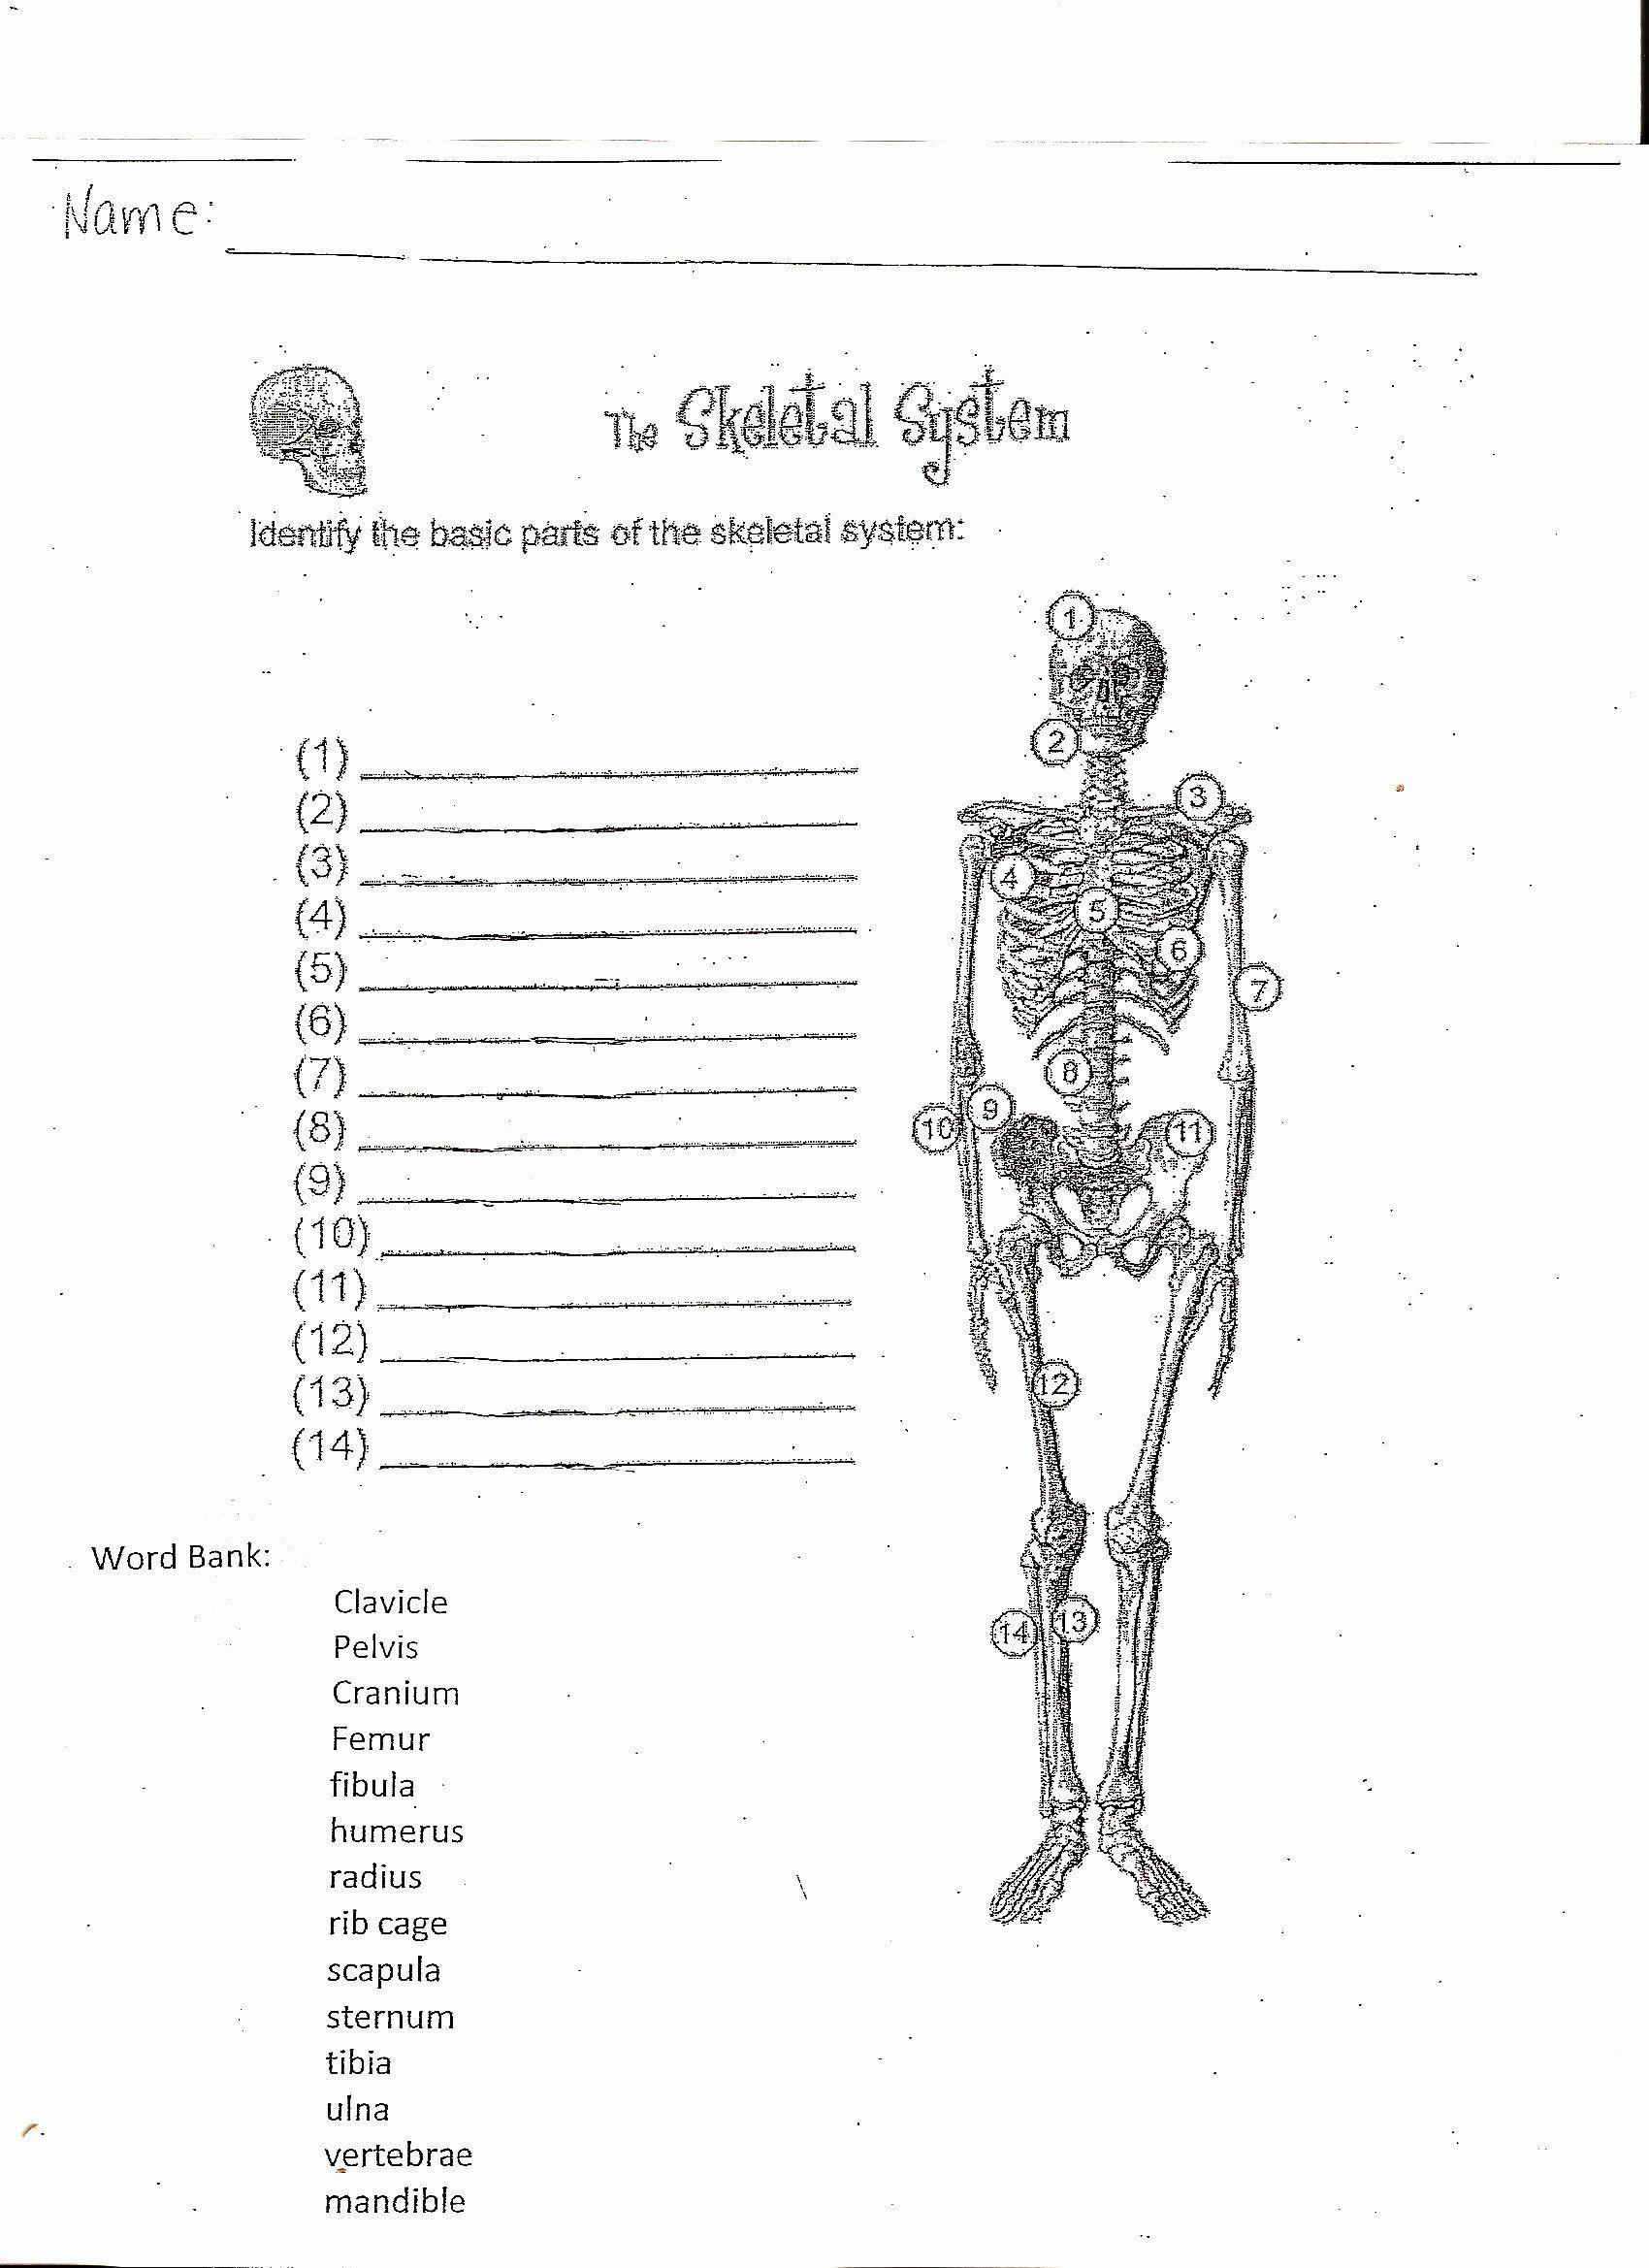 The Skeletal System Worksheet Skeletal System Worksheet Pdf New Skeletal System Worksheet